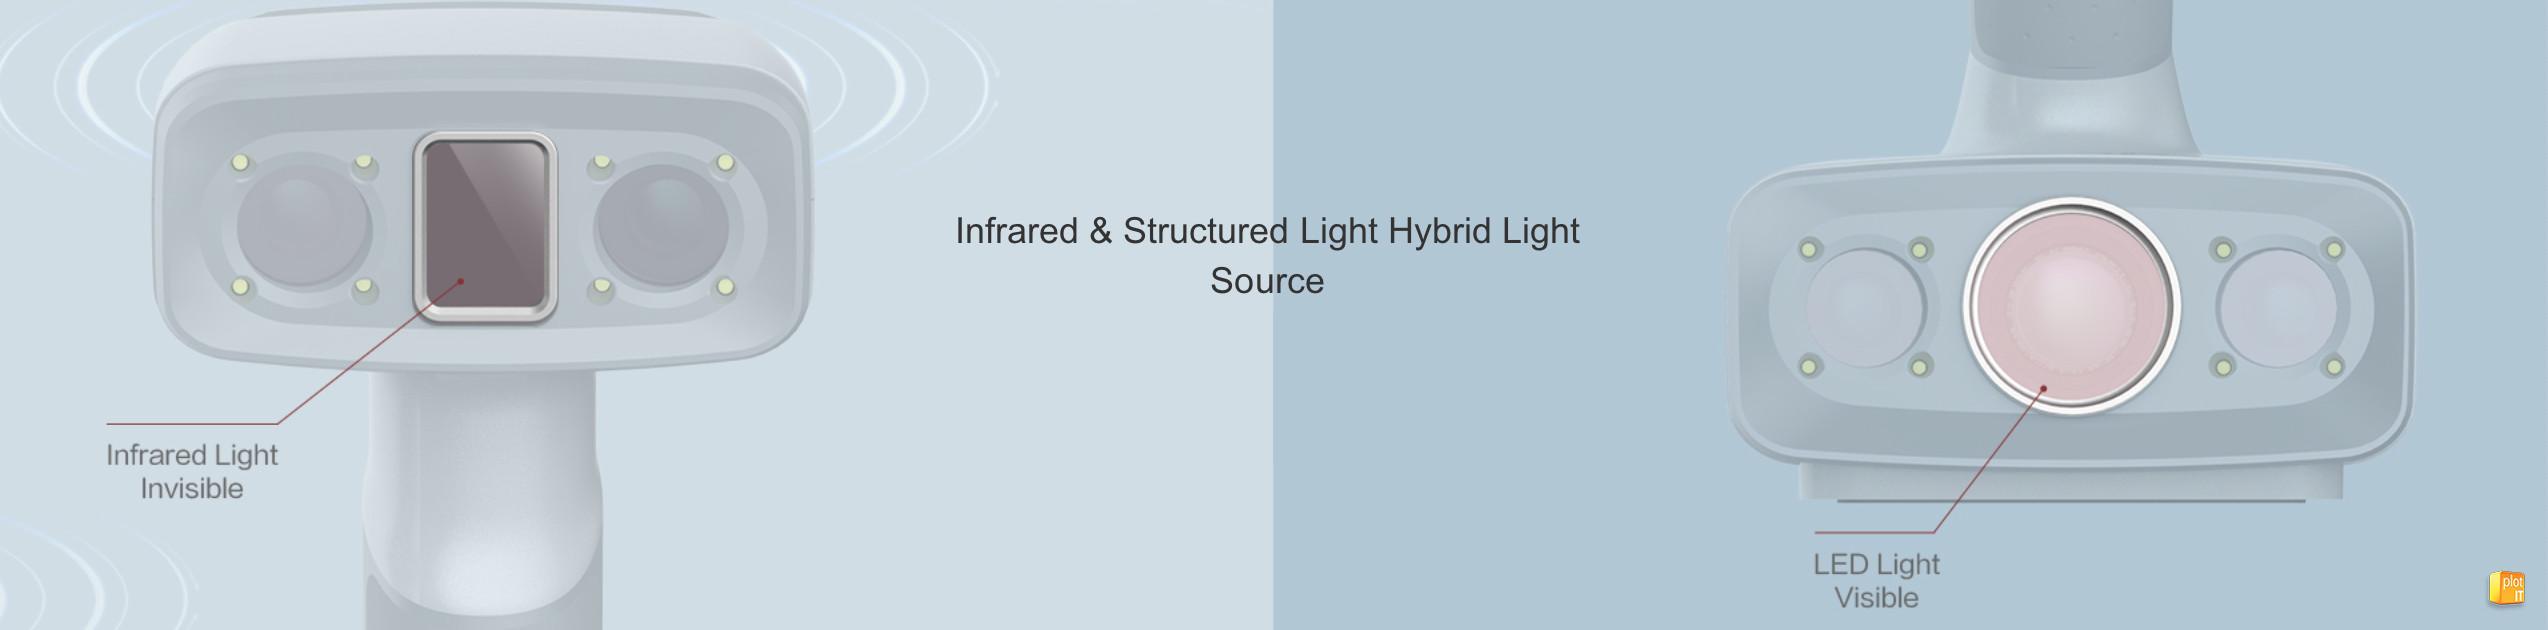 EINSCAN H INFARED & STRUCTURED LIGHT